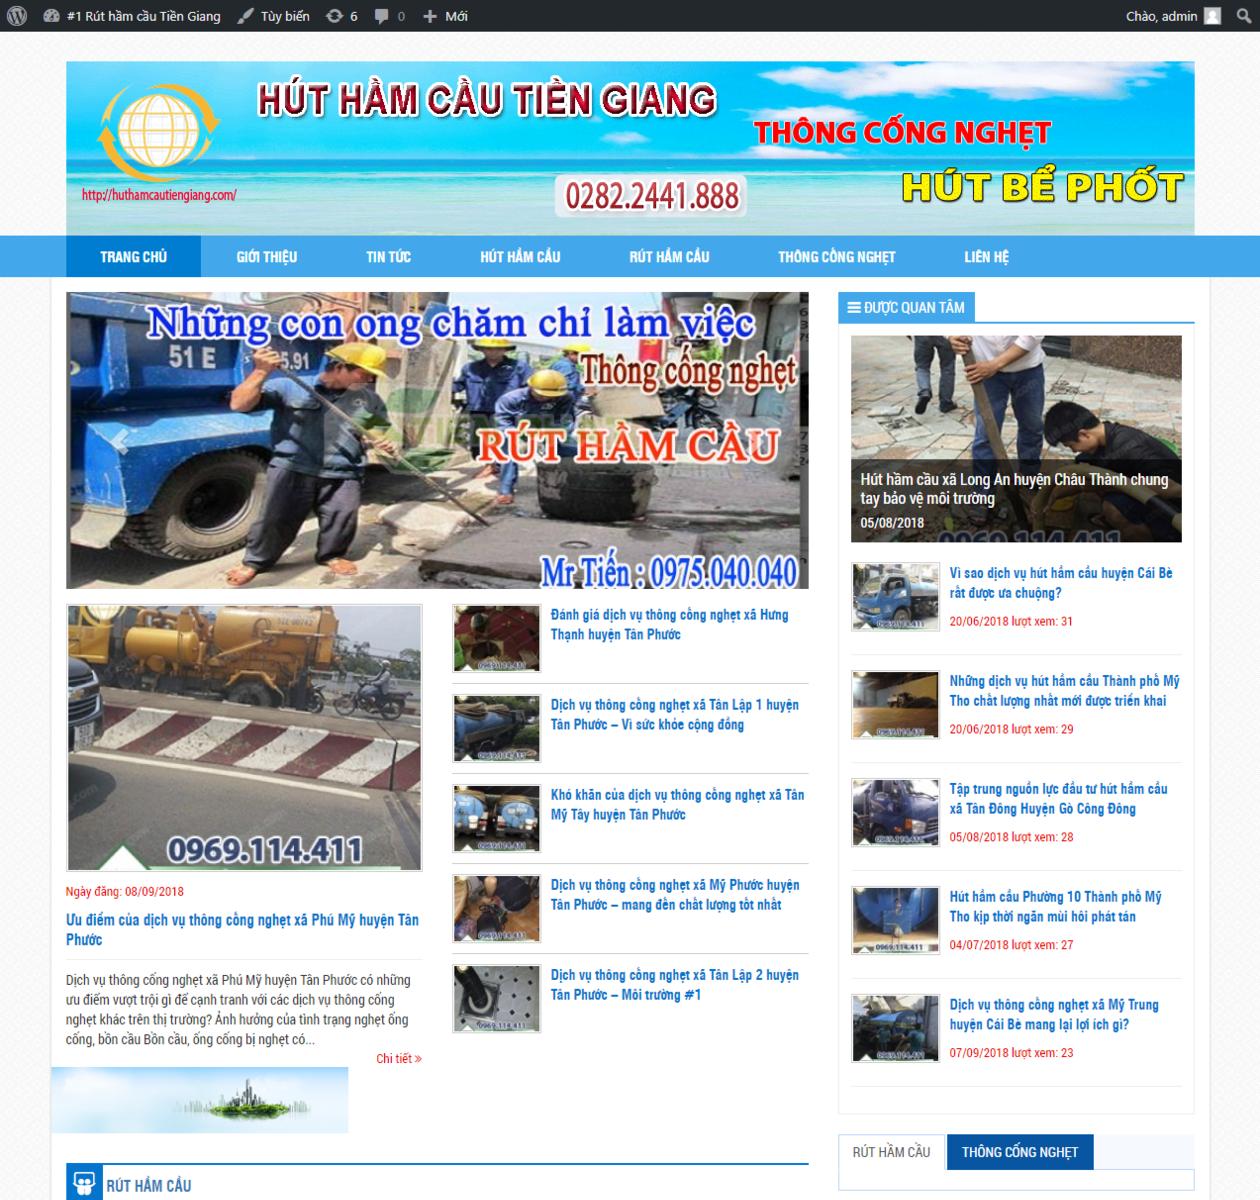 Mẫu website thông cống nghẹt thumbnail